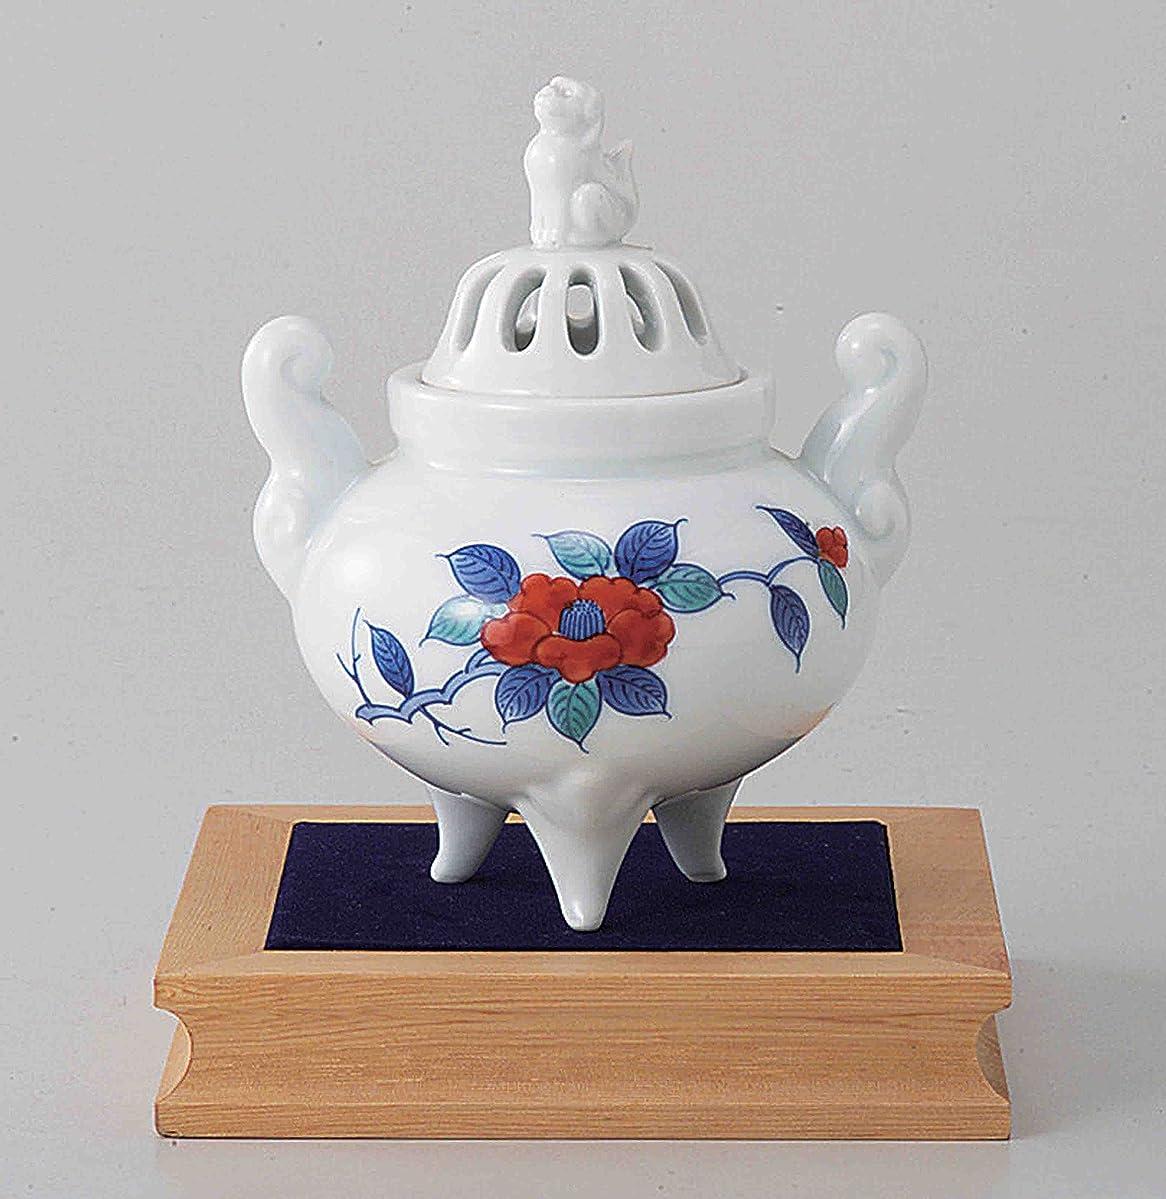 製造業敏感な砦東京抹茶Selection?–?Arita Porcelain Cencer : Camellia?–?Incense BurnerホルダーWベース&ボックス日本から[ EMSで発送標準: withトラッキング&保険]